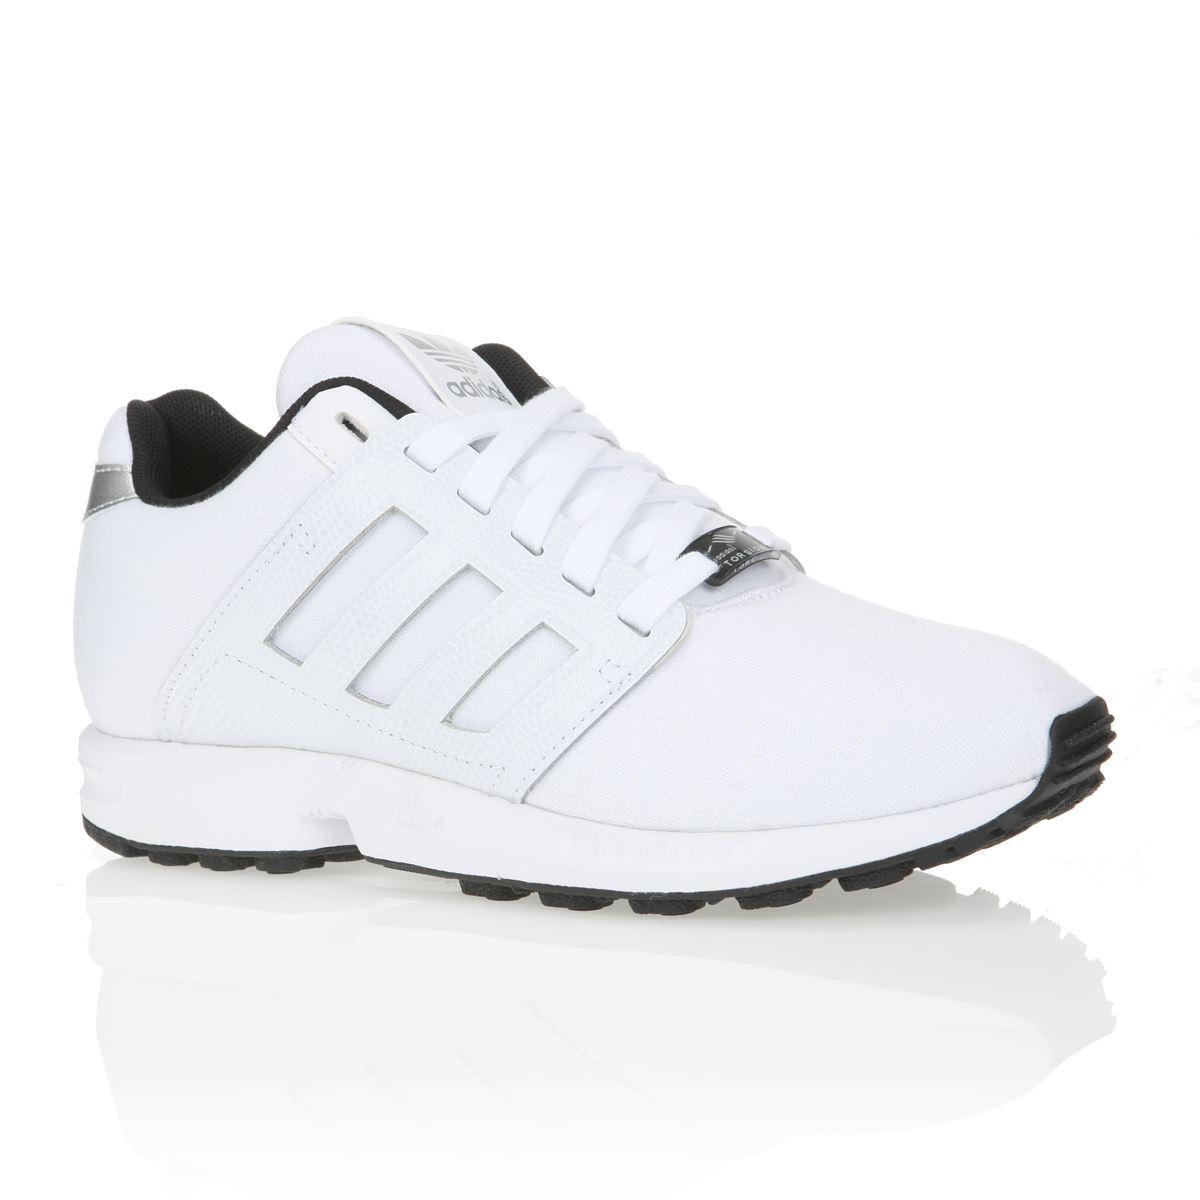 Pas Flux Originals Baskets Adidas Femme Zx Chaussures Cher Acheter SwzqTna00